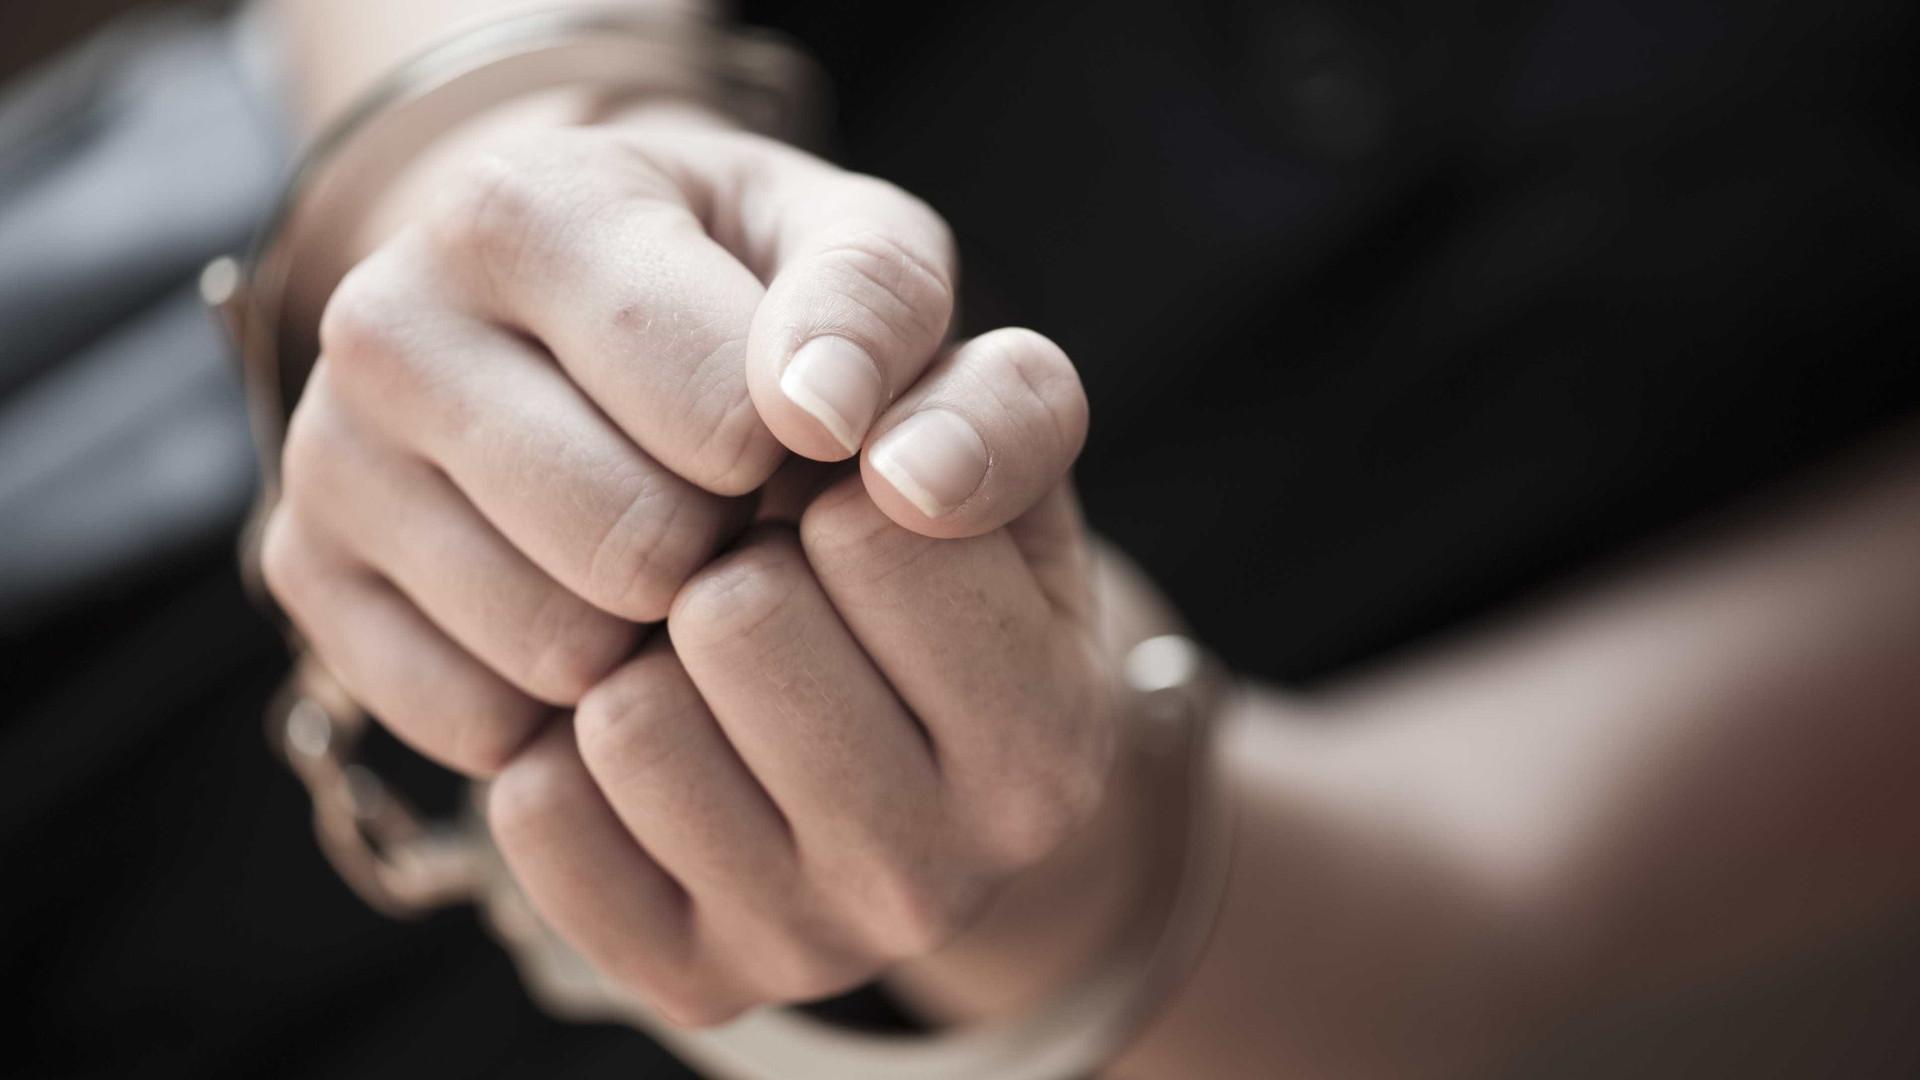 PJ confirma: Mulher de 47 anos detida pelo homicídio do marido de 83